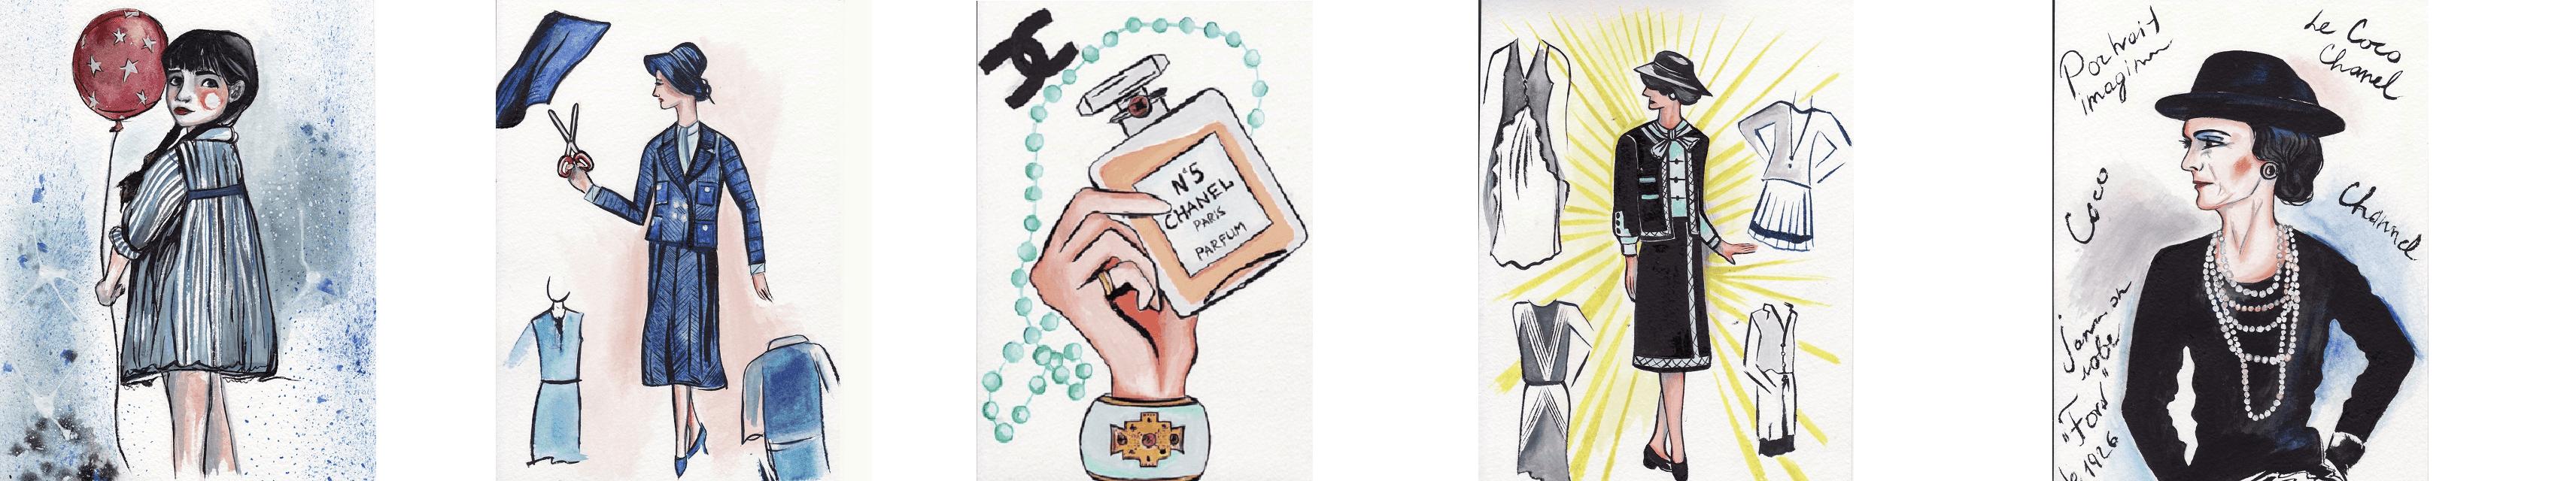 Иллюстрации книги Коко Шанель